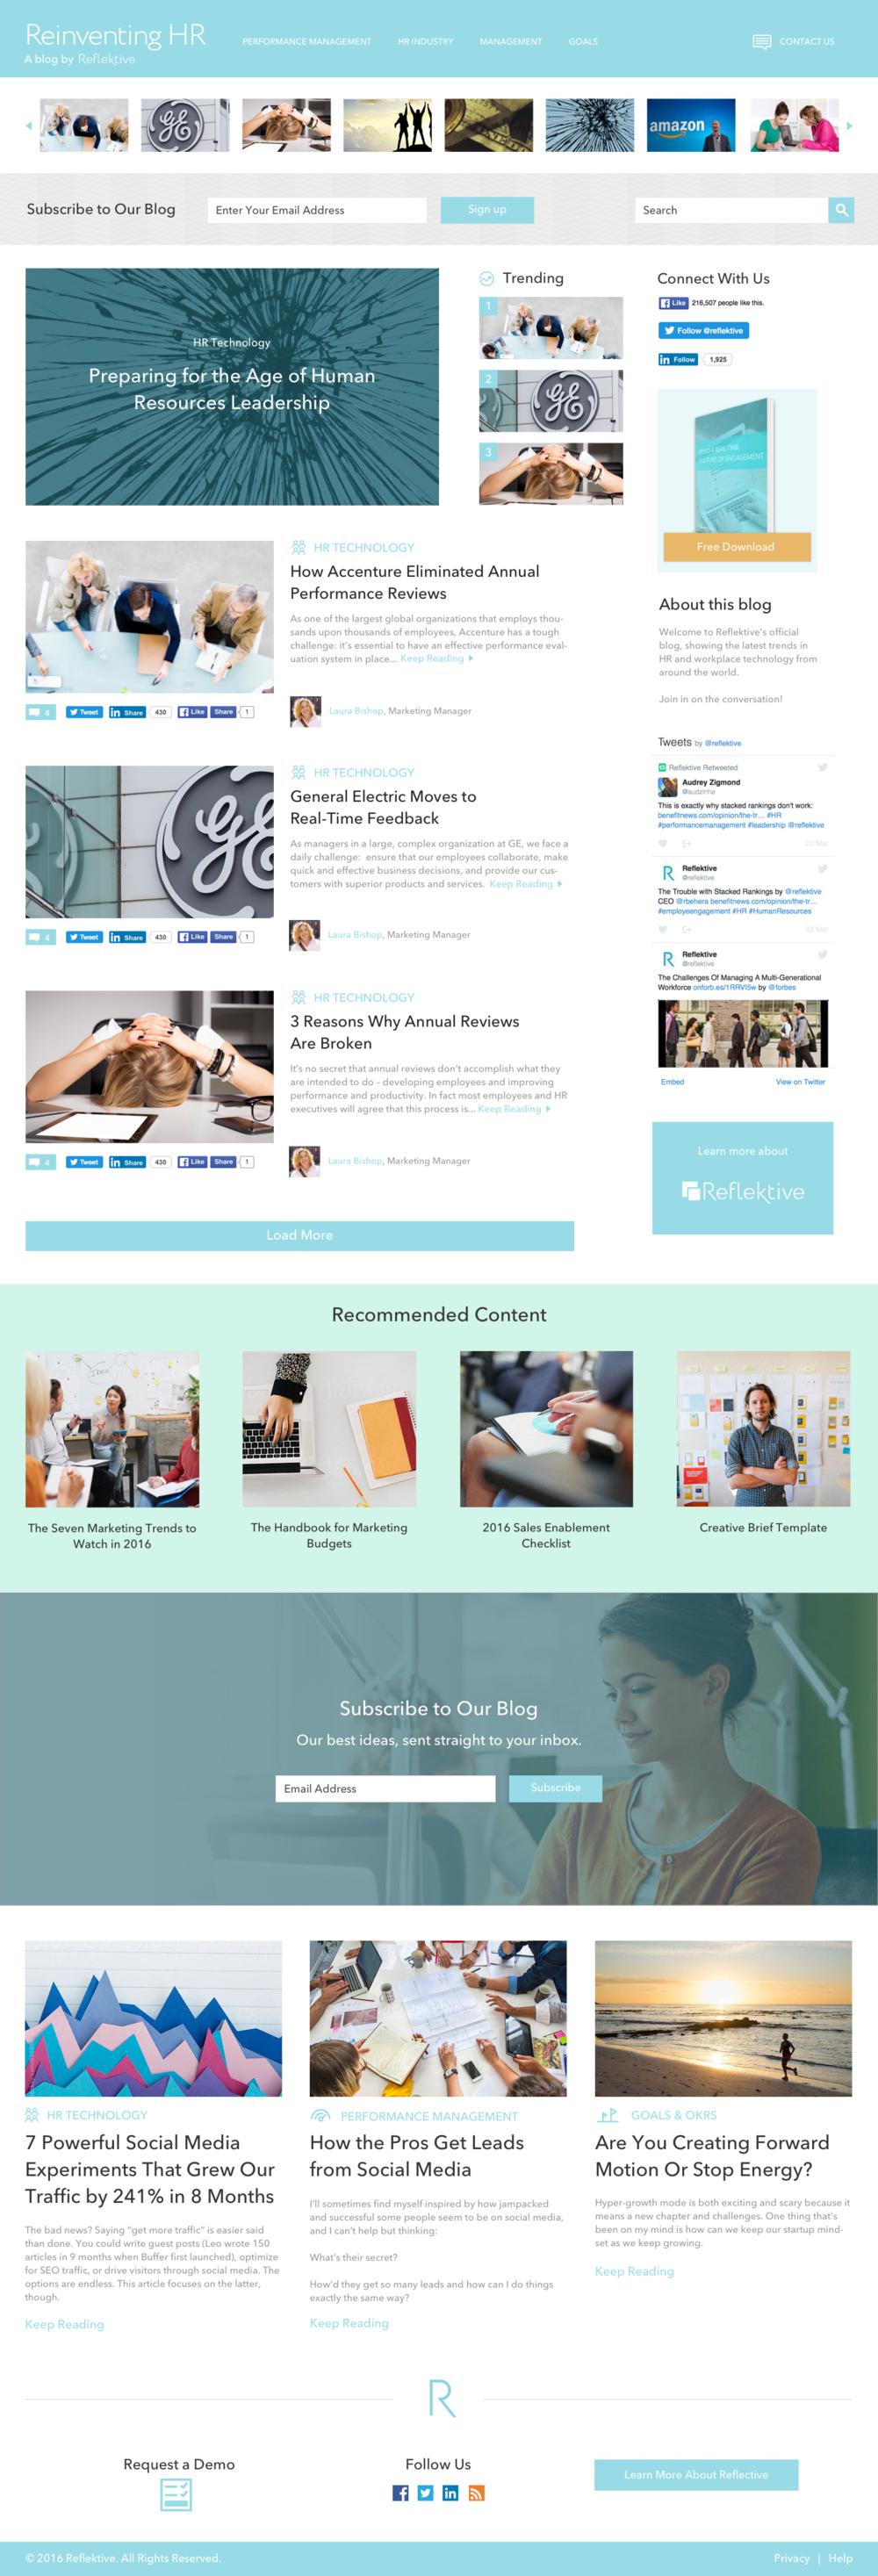 Blog Section Design